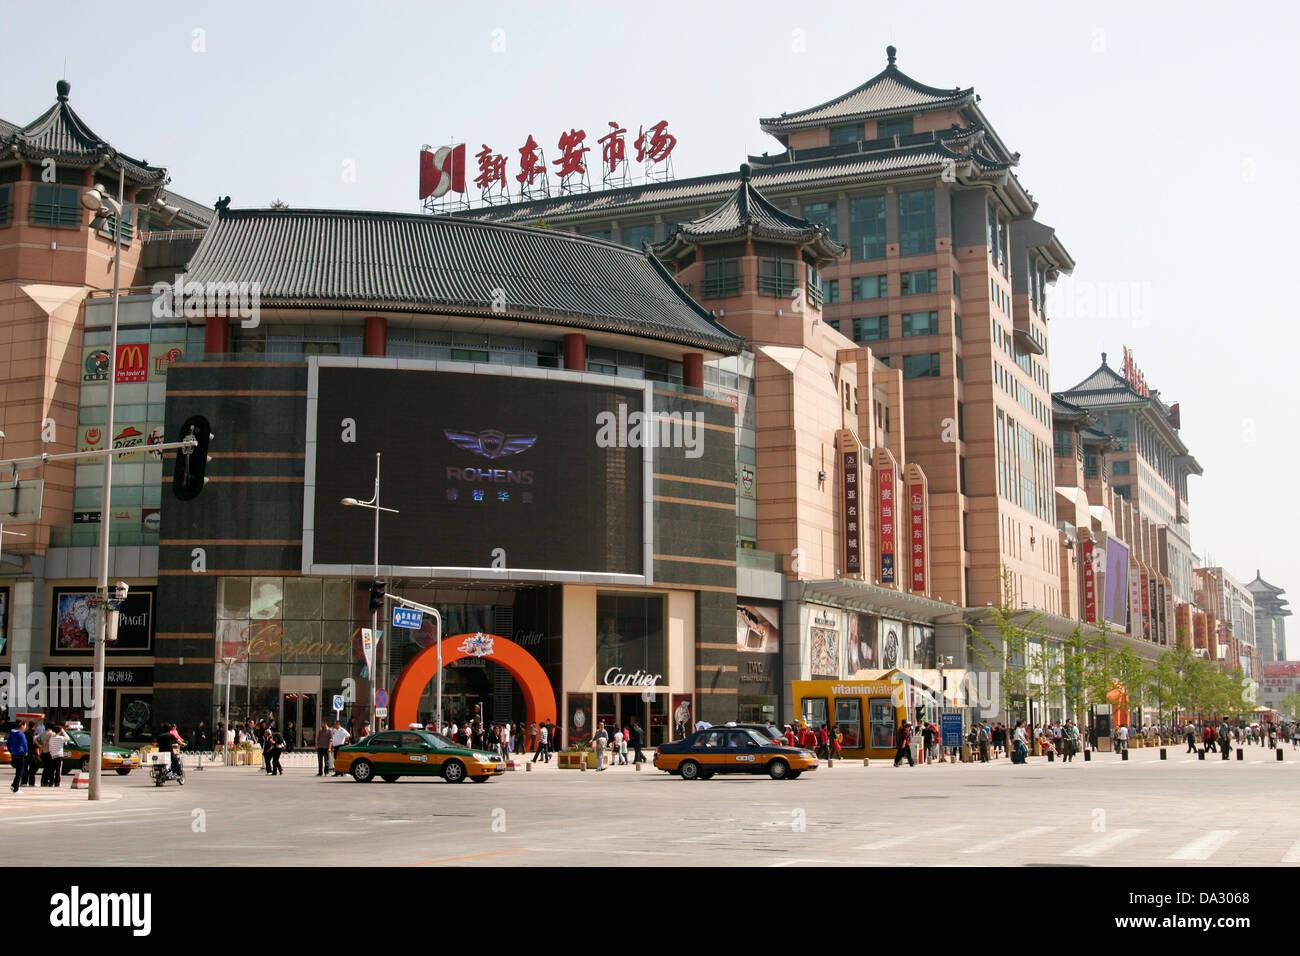 Shopping malls om Wangfujing Street (Wangfujing Dajie), Beijing, China - Stock Image